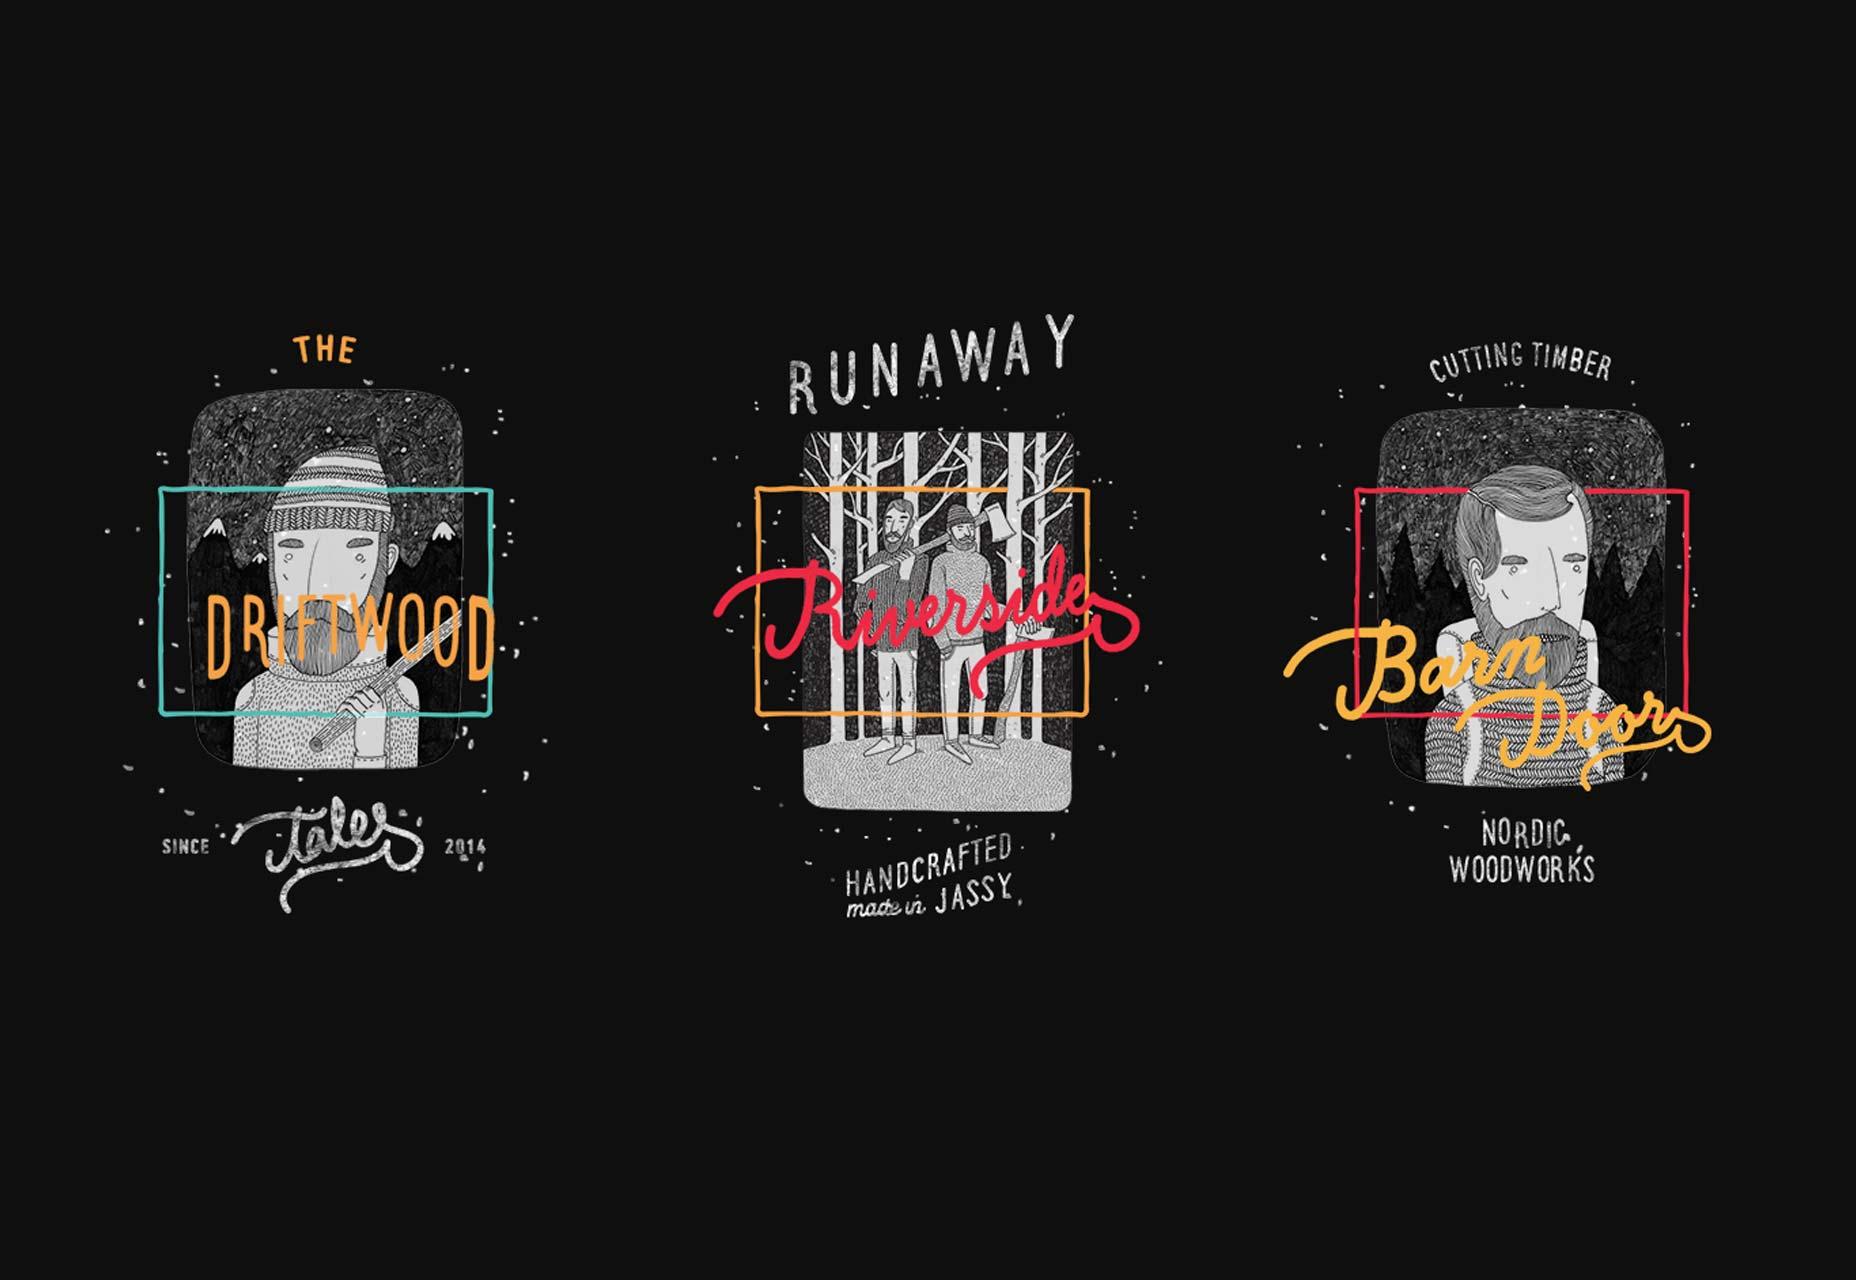 026_runaway